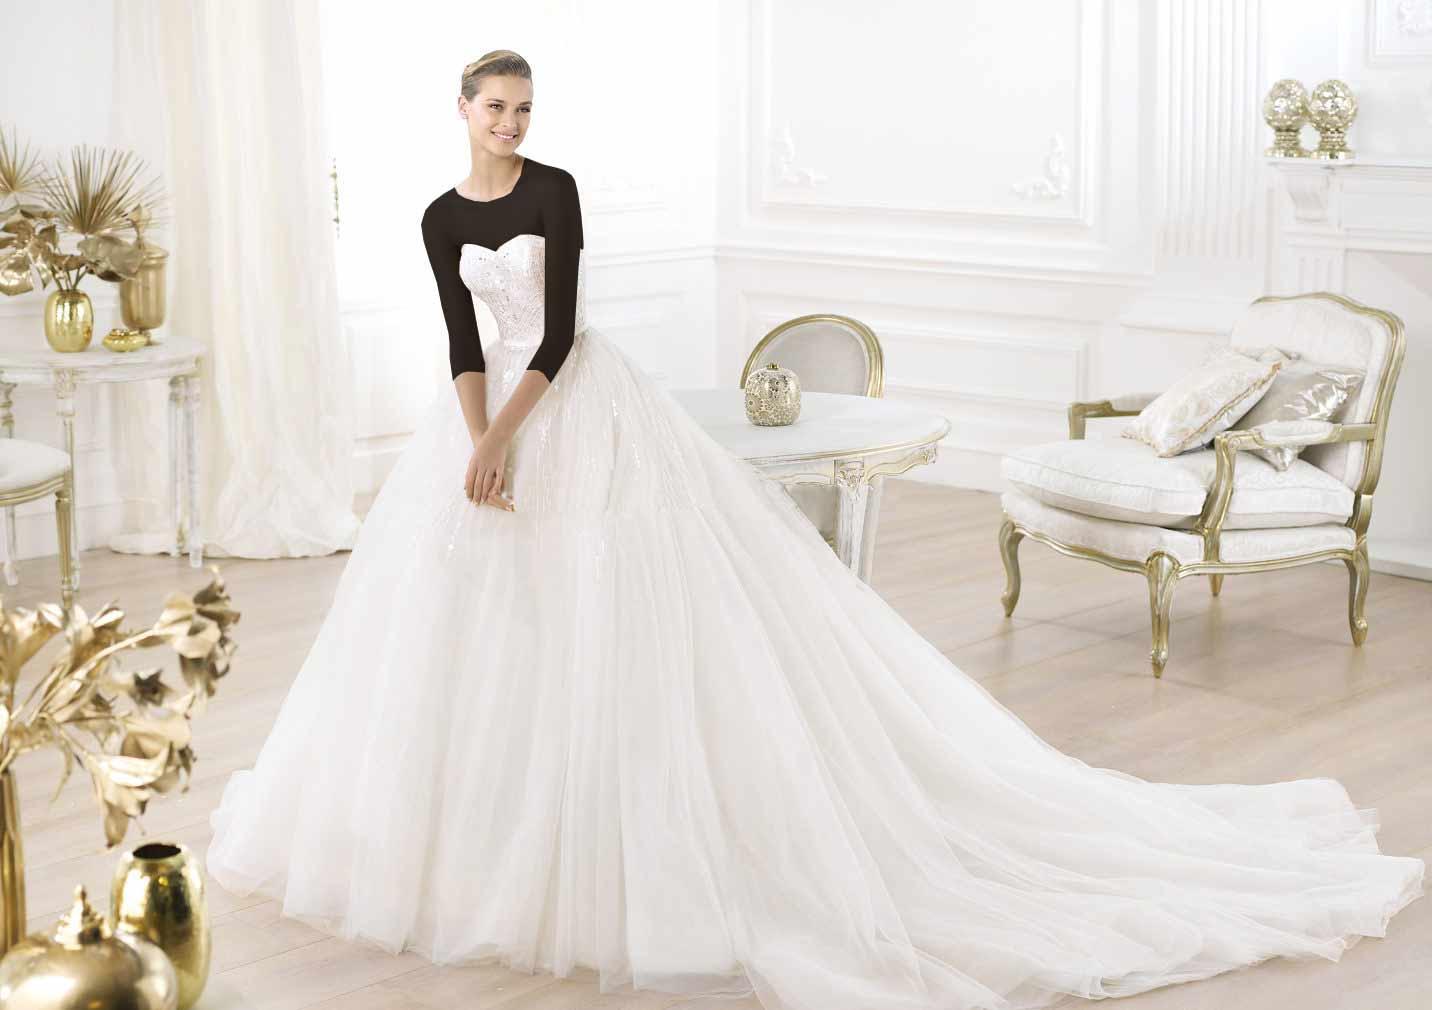 Hotnaz com   d24abfd9541f5ccbfe672ace3628c7ef مدل های مختلف لباس عروس و یقه لباس عروس